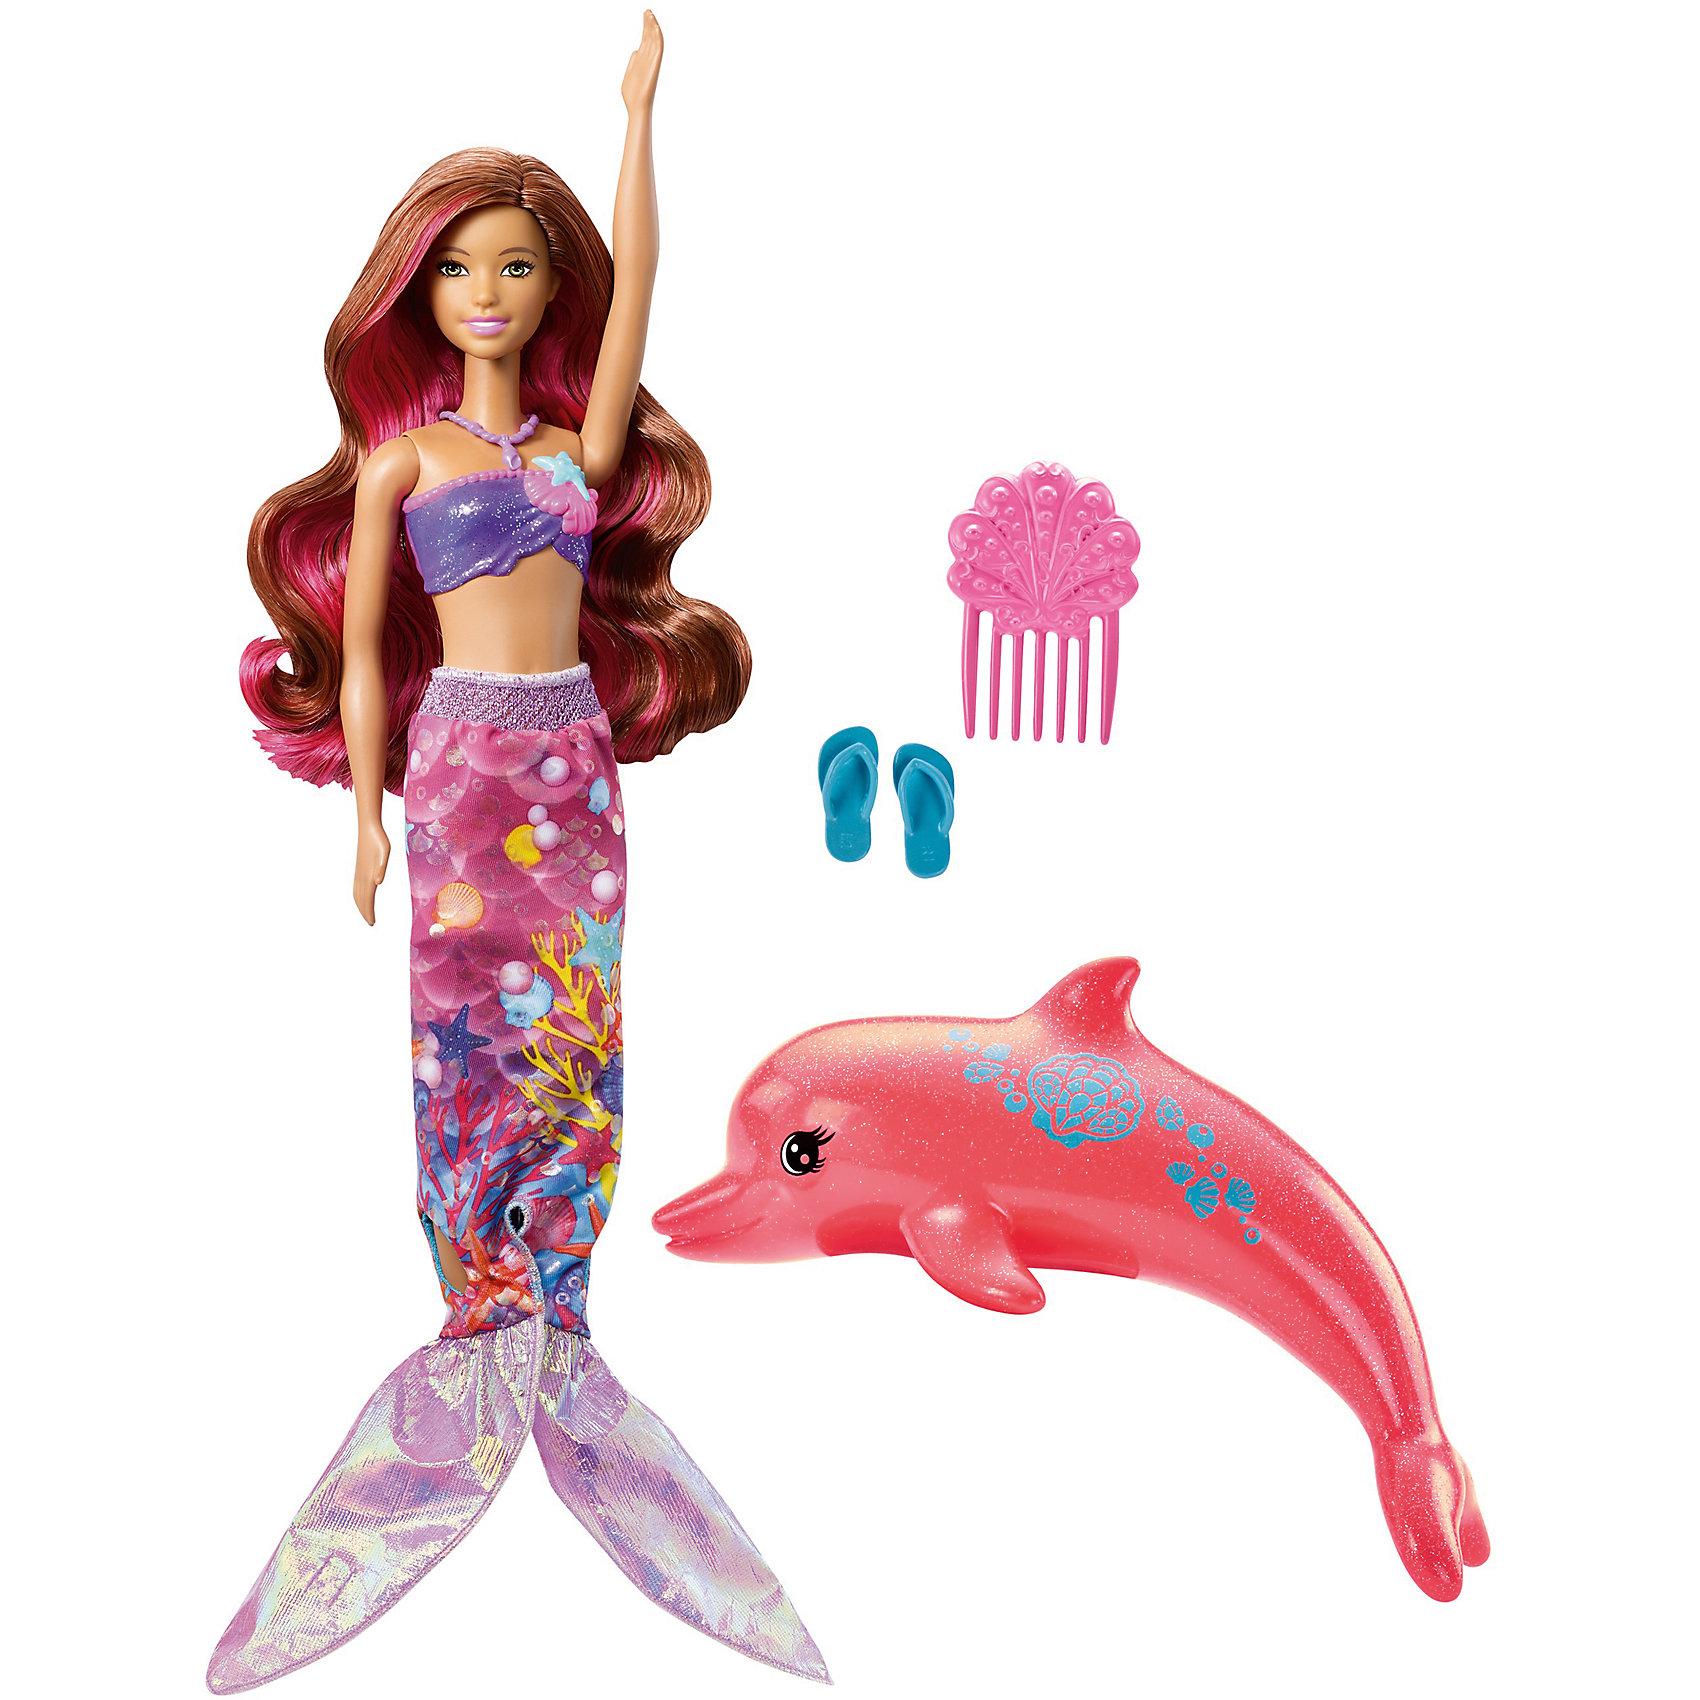 Русалка-трансформер Barbie из серии «Морские приключения»Куклы-модели<br>Характеристики товара:<br><br>• возраст: от 3 лет<br>• материал: пластик;<br>• высота куклы: 28-30 см<br>• аксессуары в комплекте<br>• размер упаковки: 32,5X23X6 см<br>• страна бренда: США<br><br>Воплоти магию «Barbie и Волшебные Дельфины»™ в жизнь вместе с роскошной трансформирующейся куклой Barbie®! Кукла Barbie® легко превращается в?русалочку с помощью своего наряда 2-в-1. <br><br>Просто преврати тропическое платье в наряд русалки, потянув вниз рукава. Платье и хвост украшены великолепными изображениями океана. Для большего эффекта нанеси теплую воду на ее топ и?плавники. Они изменят цвет со сверкающего фиолетового на синий. <br><br>Помоги ей исследовать глубины вместе с другом-дельфином. Красивый коралловый дельфин может брызгаться водой!<br><br>Русалку-трансформер Barbie из серии «Морские приключения» можно купить в нашем интернет-магазине.<br><br>Ширина мм: 325<br>Глубина мм: 231<br>Высота мм: 63<br>Вес г: 298<br>Возраст от месяцев: 36<br>Возраст до месяцев: 72<br>Пол: Женский<br>Возраст: Детский<br>SKU: 6739678